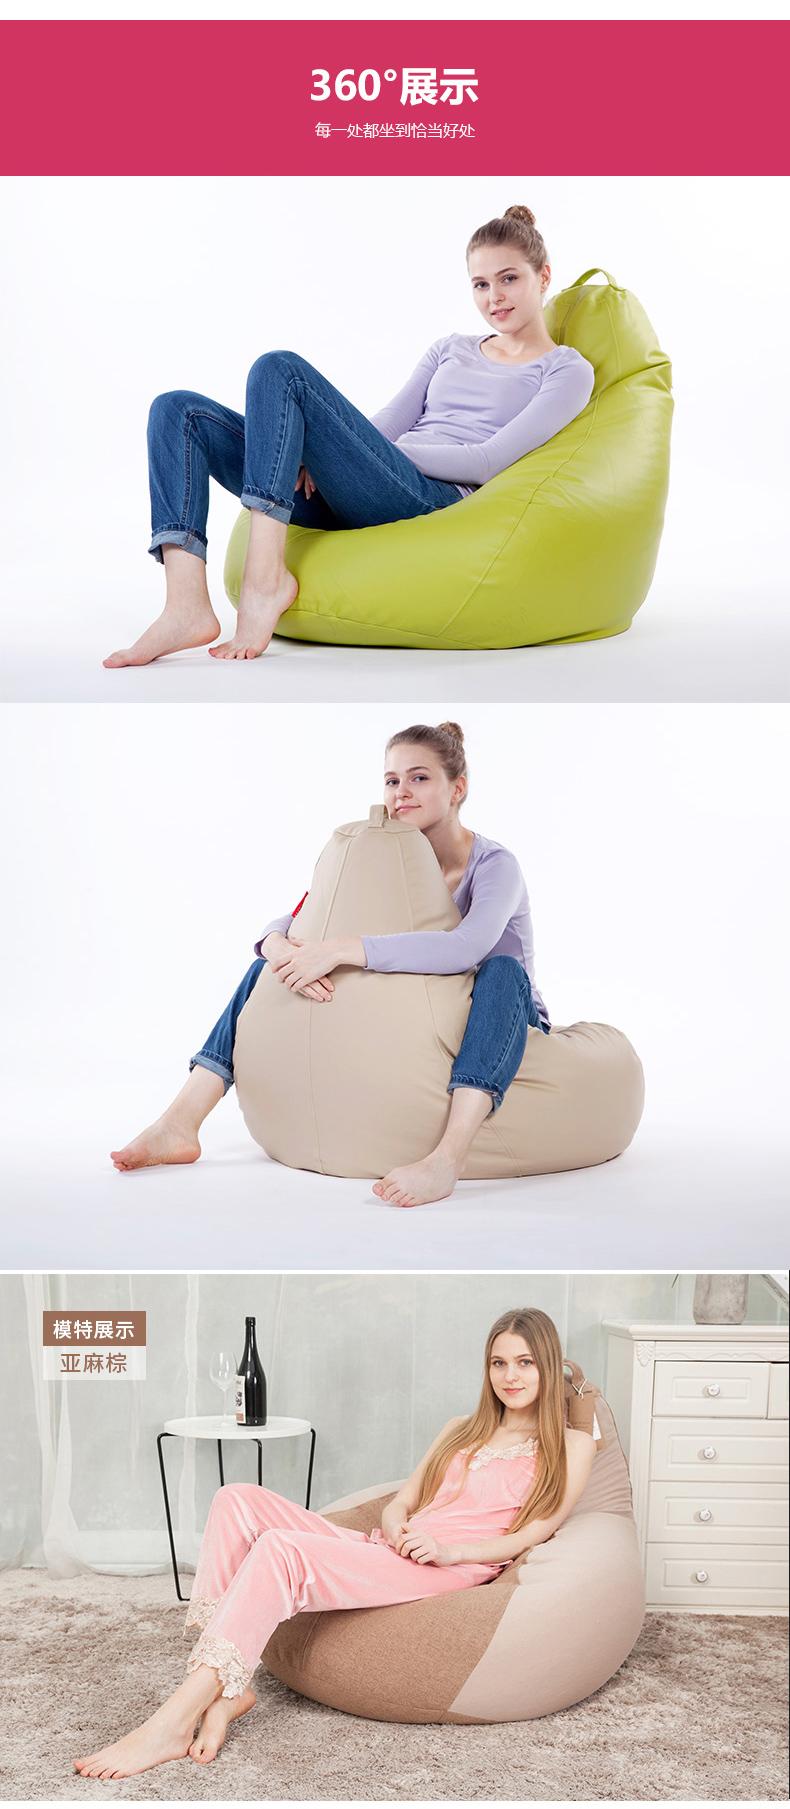 luckysac单人PU懒人沙发360度展示